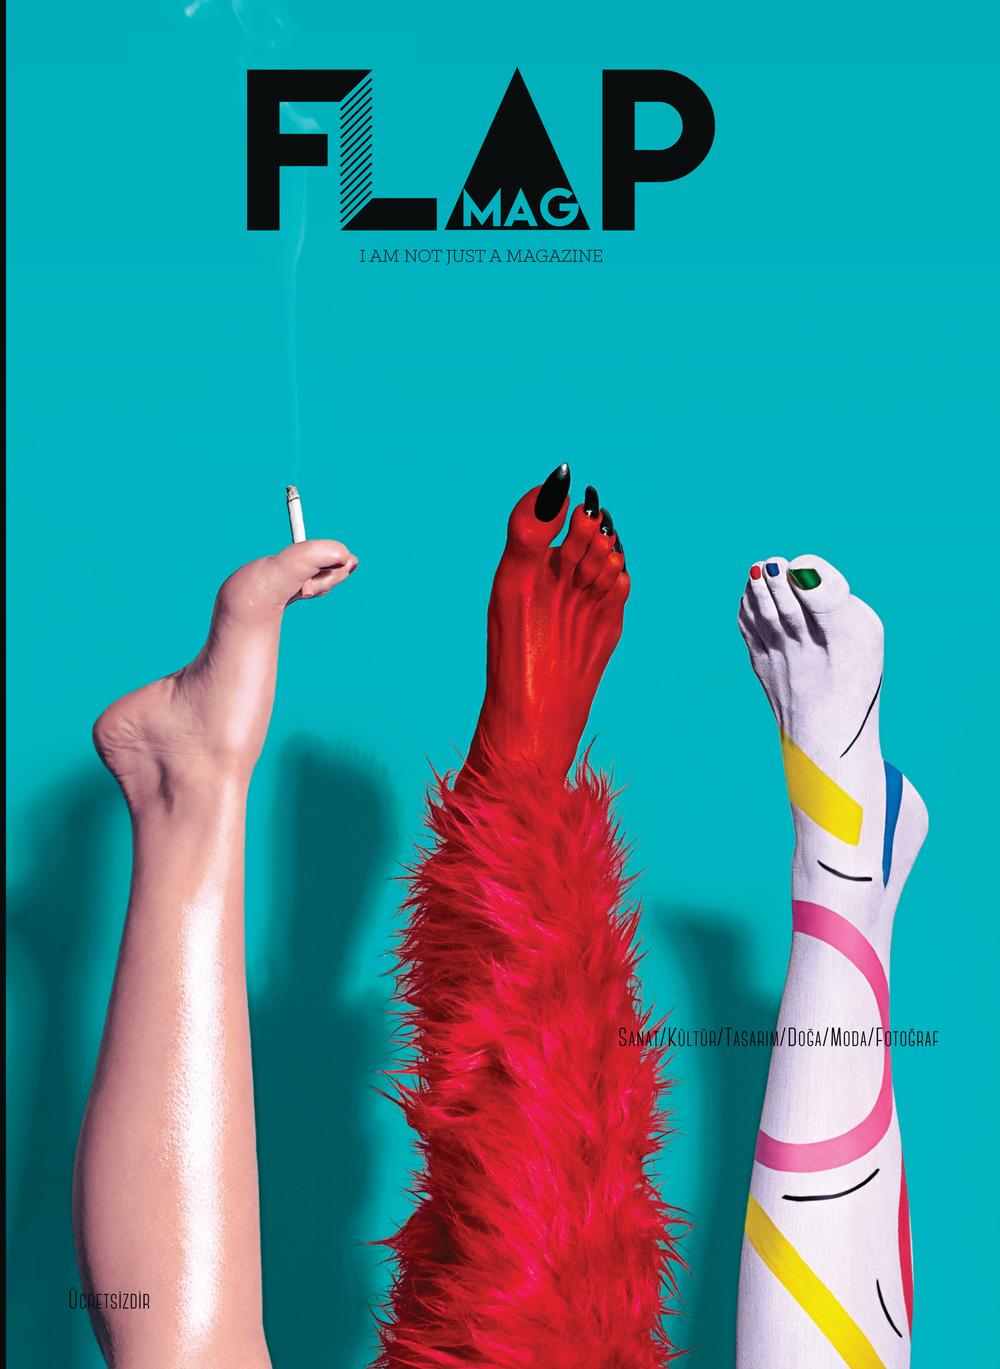 Flap Mag - Turkish Lifestyle Magazine